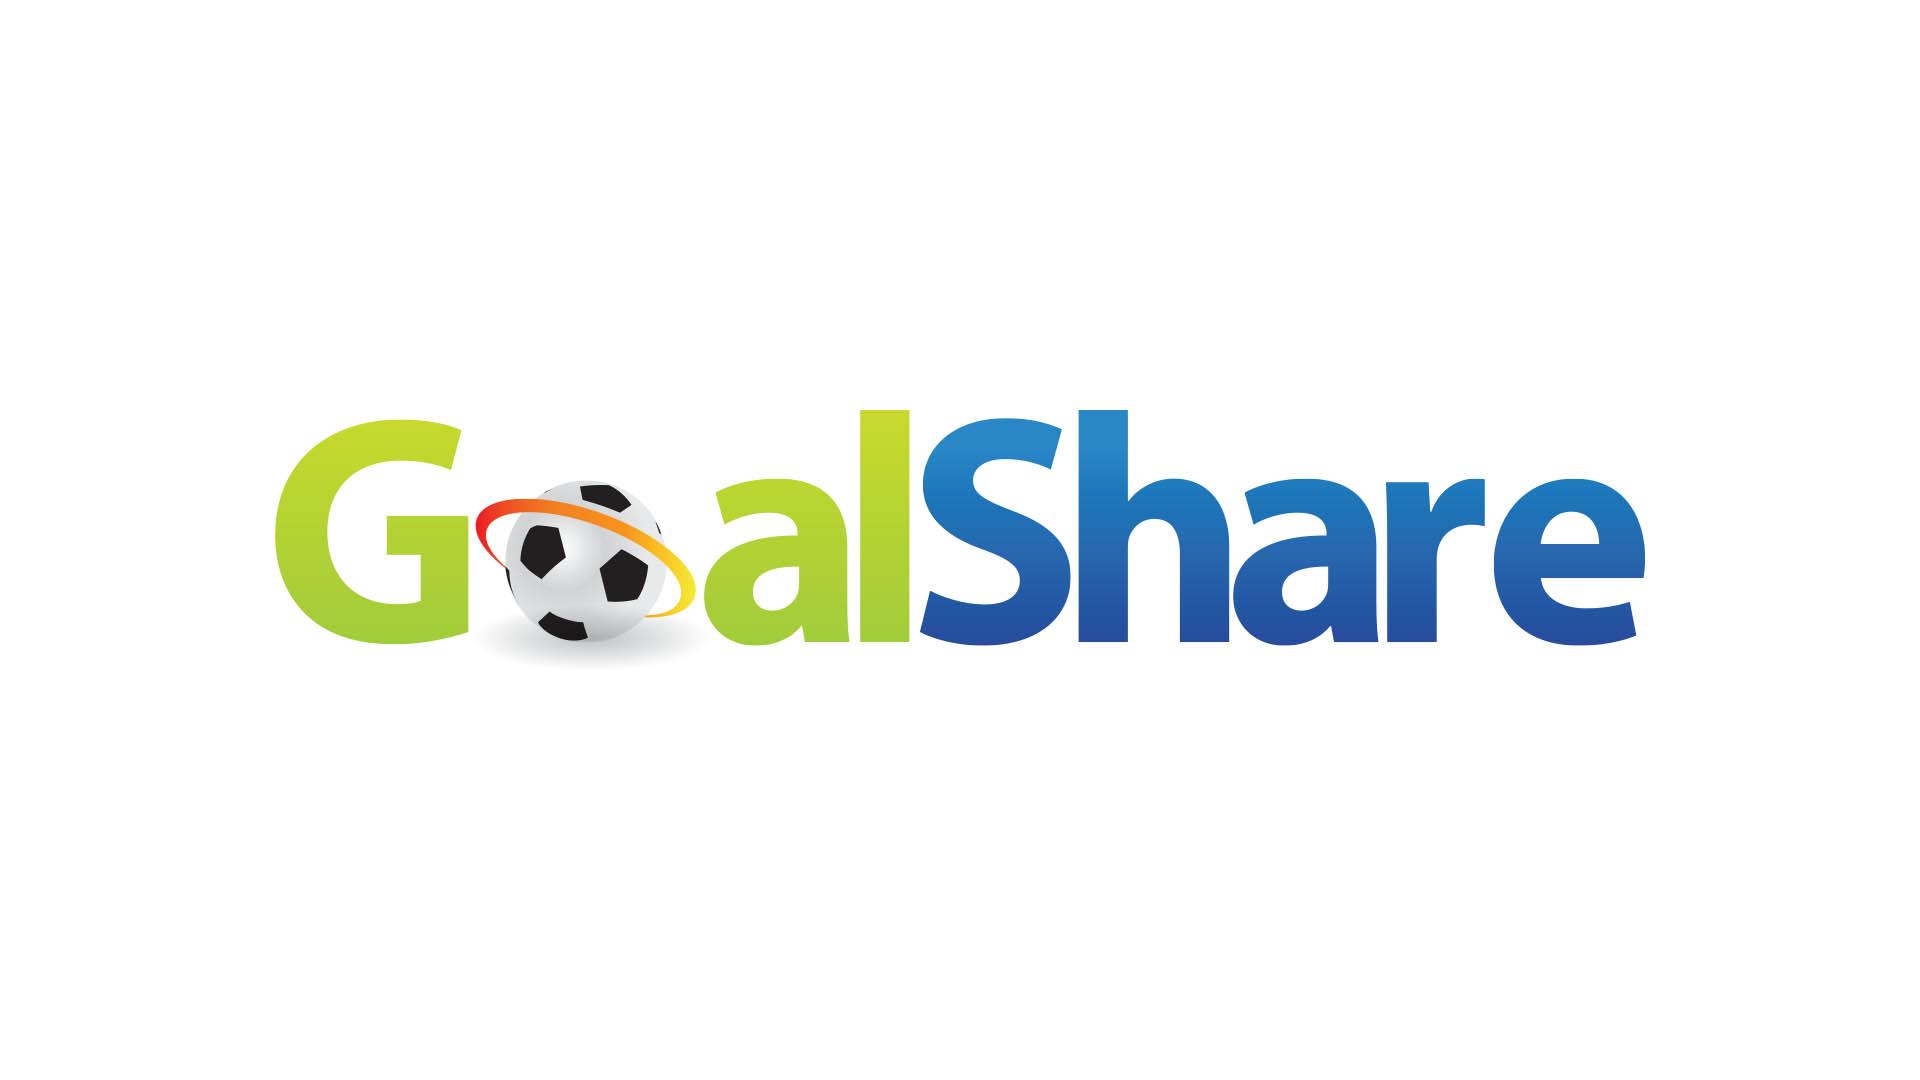 goalshare_logo